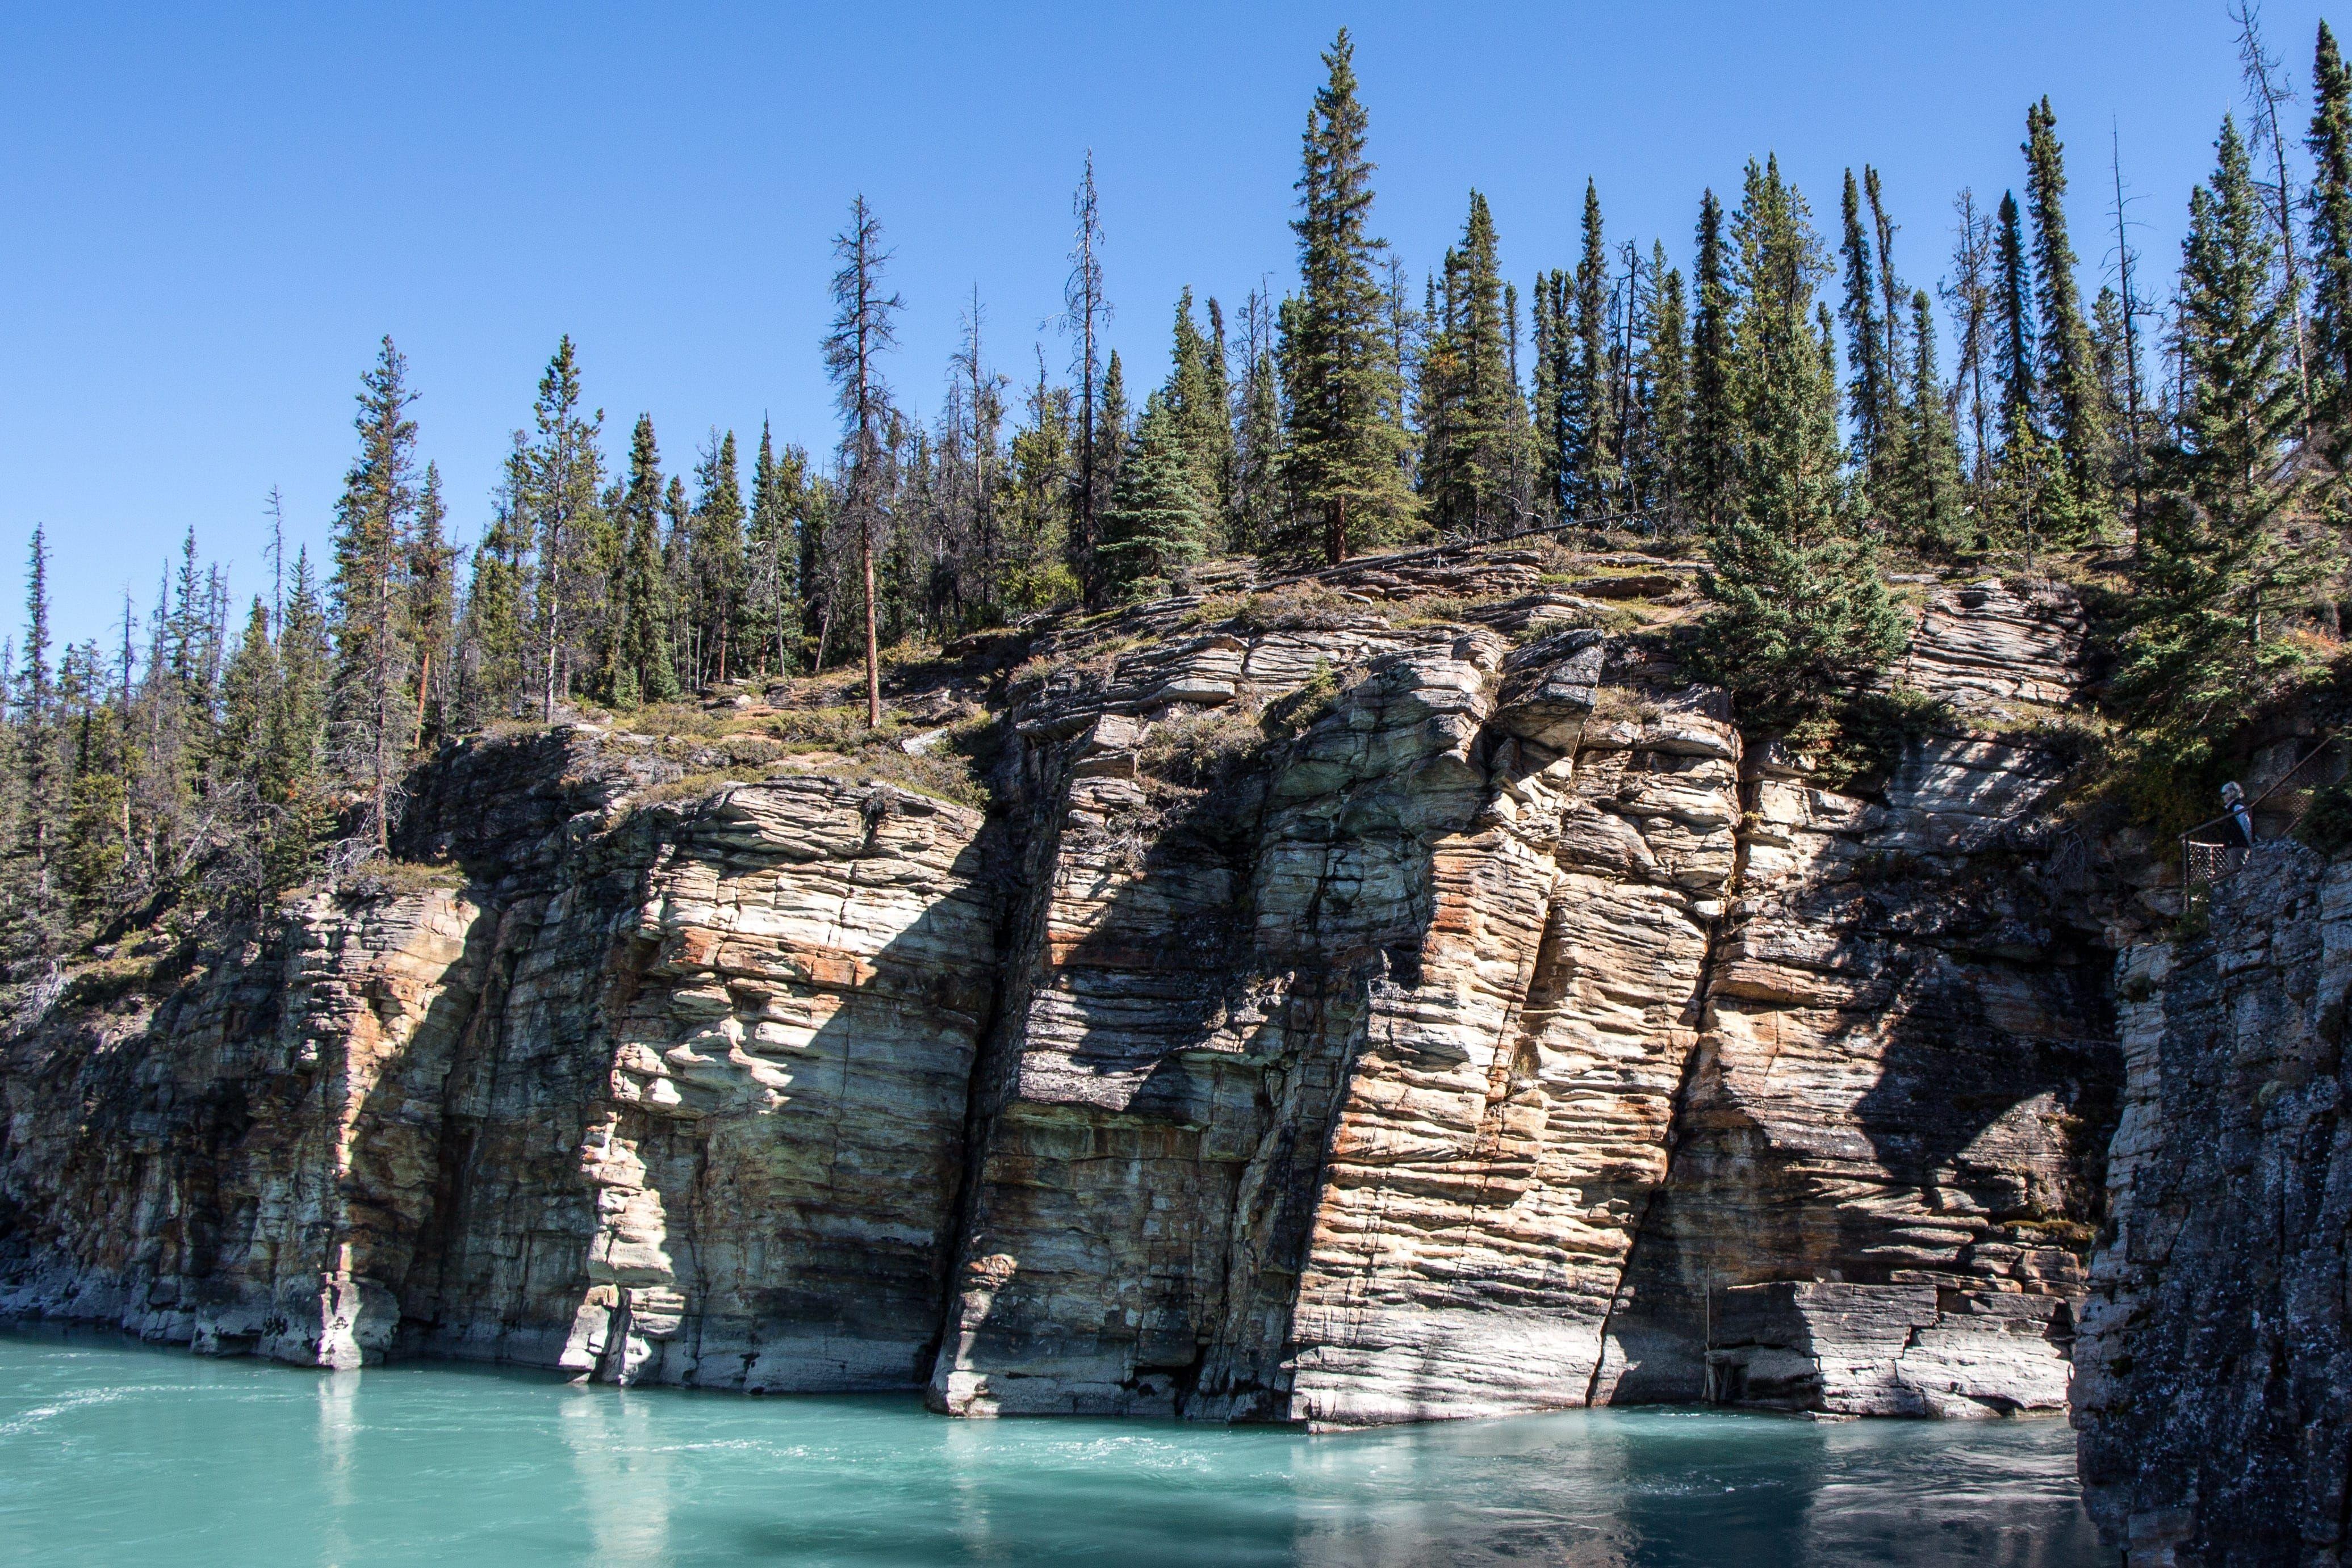 Jasper national park parks canada national parks